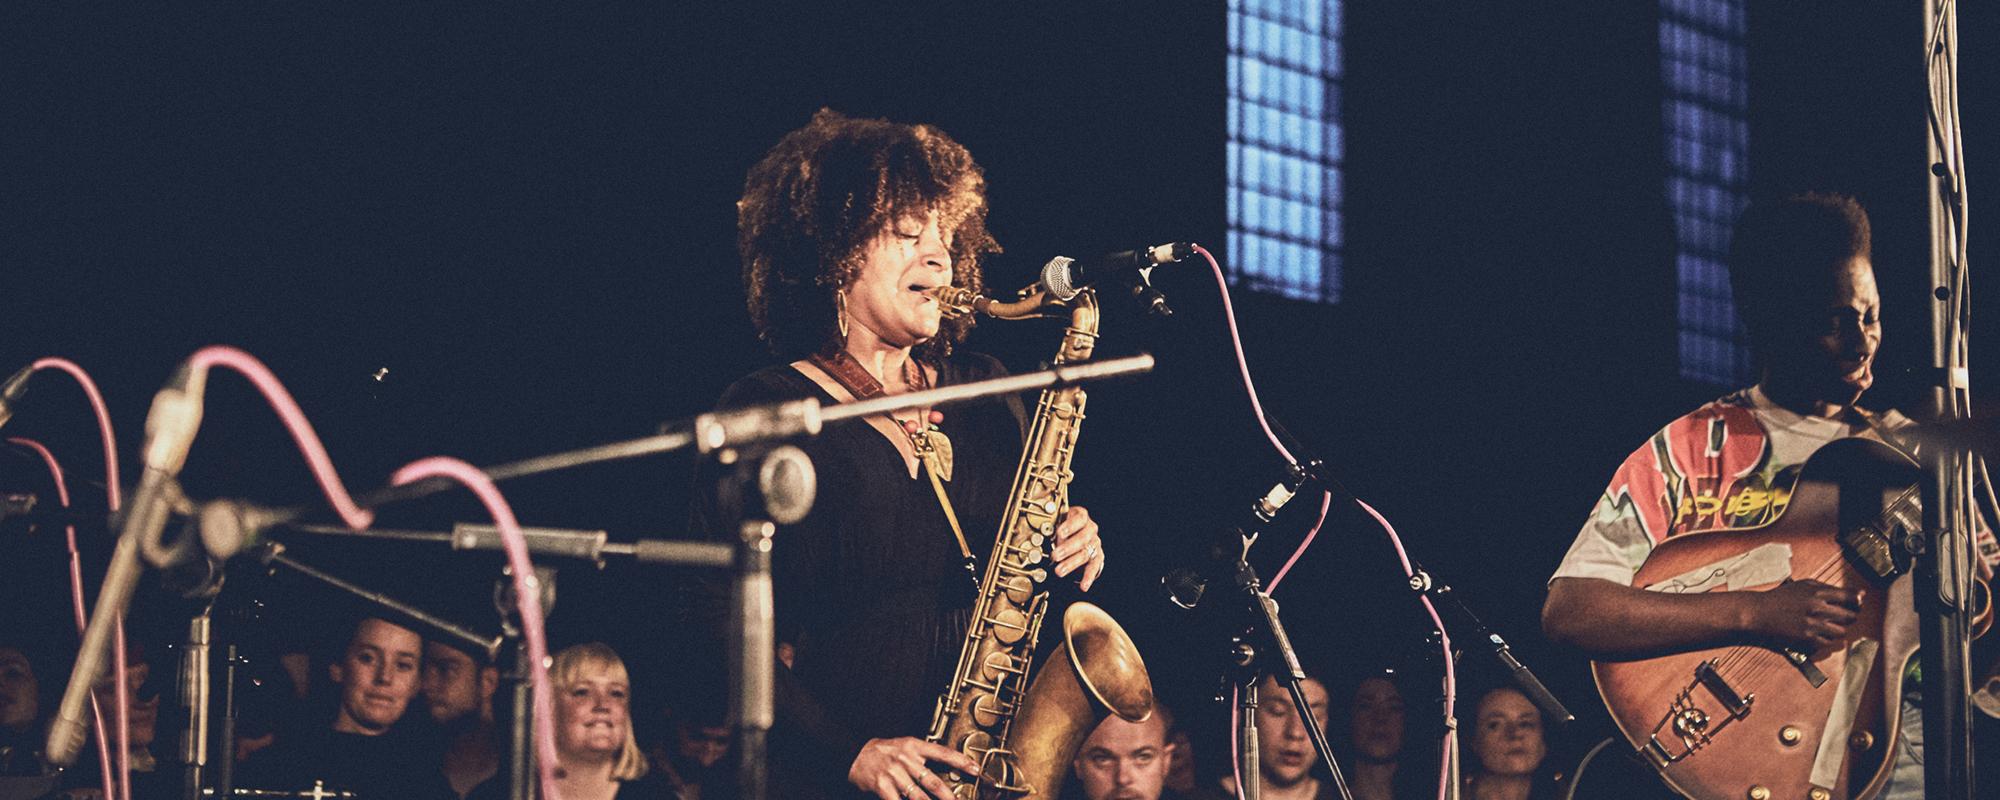 Maisha at the Church of Sound. Photo by Joe Hart